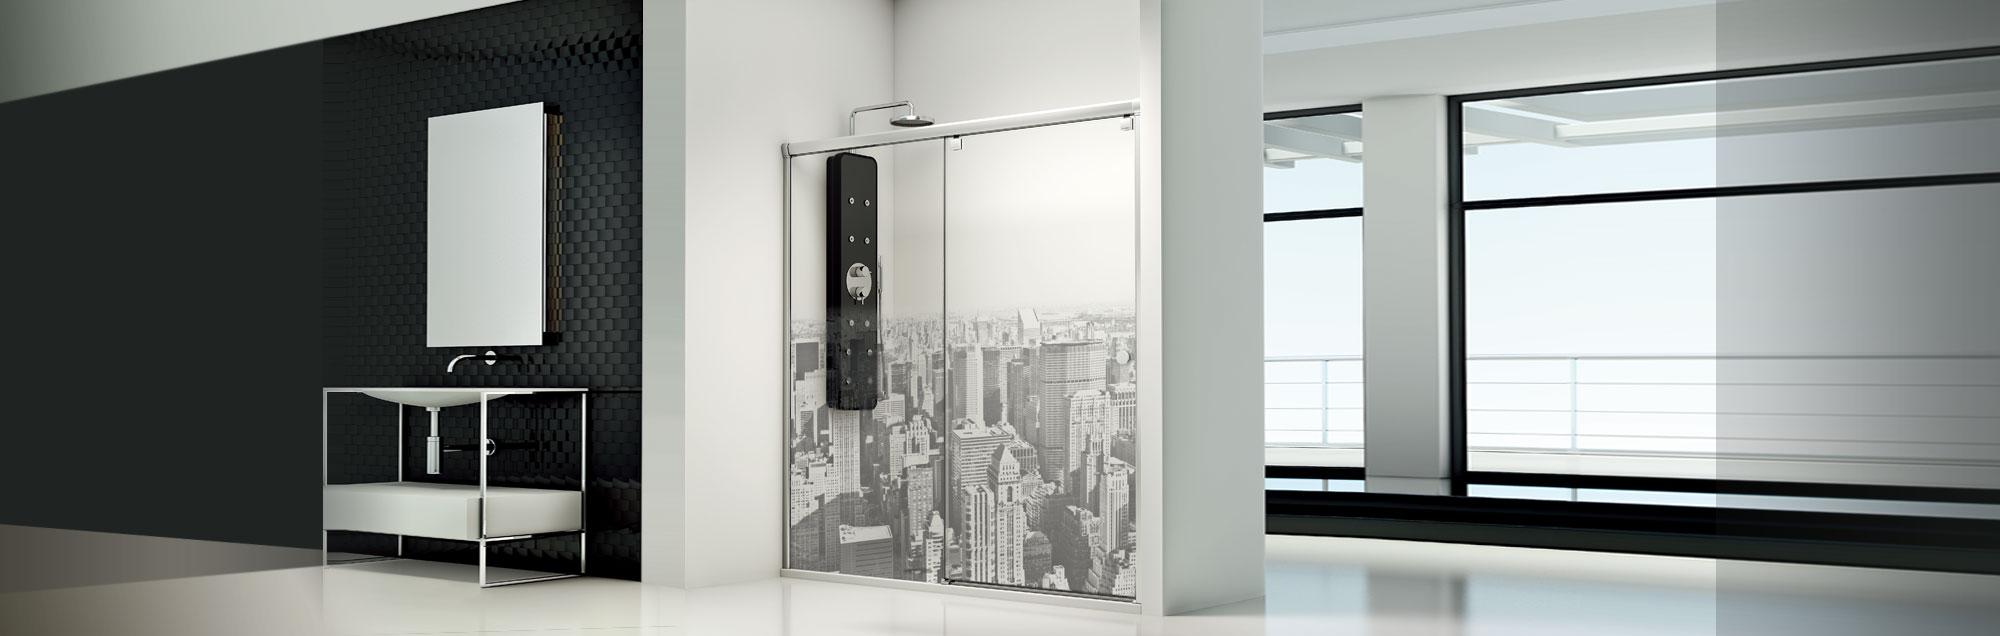 PROFILTEK Duschabtrennungen nach Maß mit Gleittüren